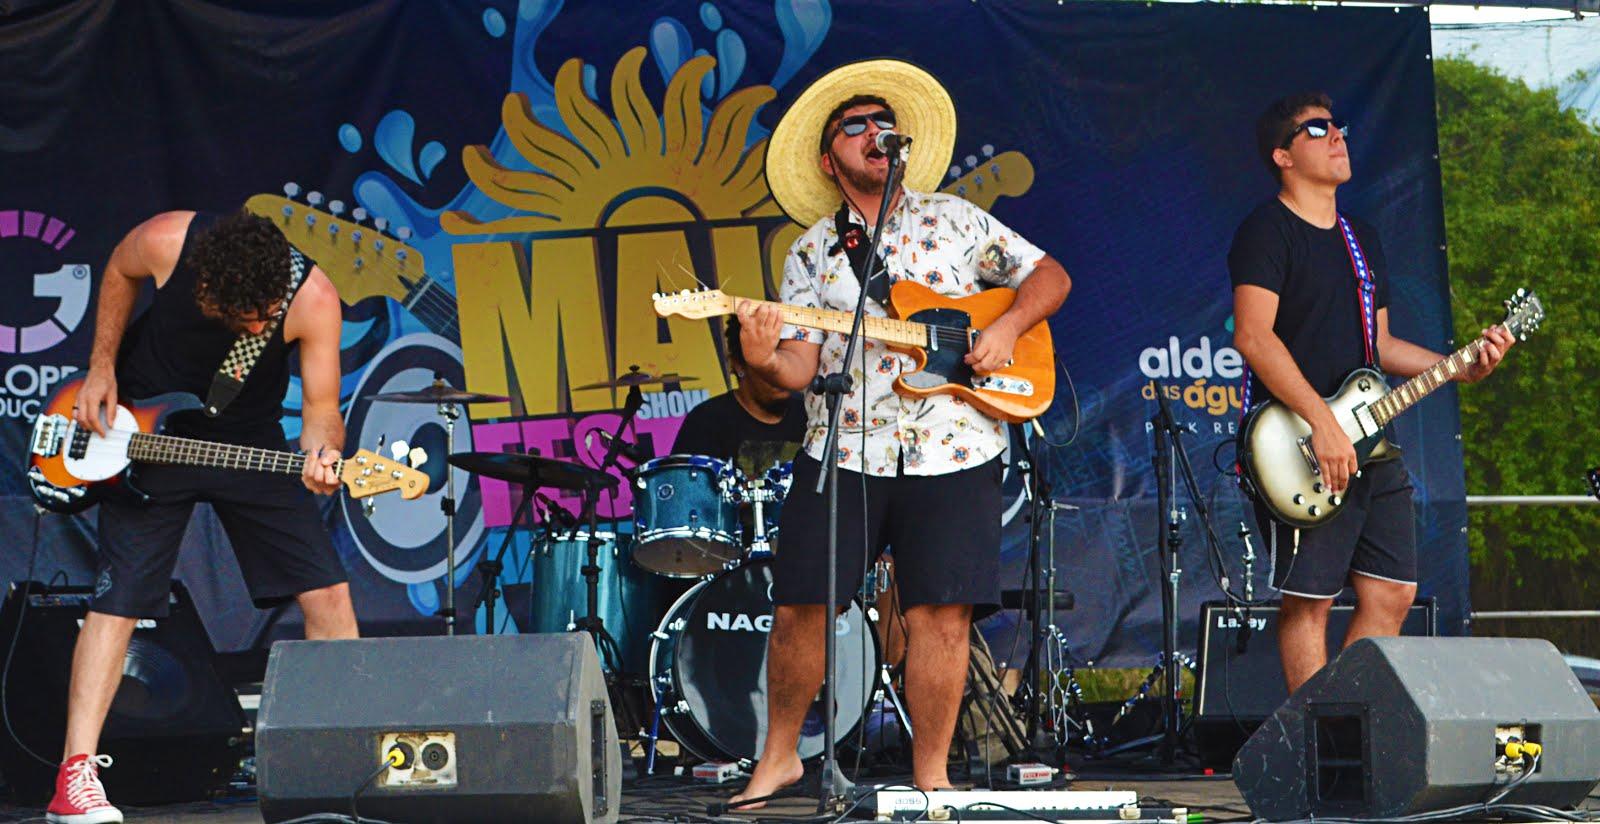 Festival de música do Aldeia das Águas vai presentear campeão com carro 0km